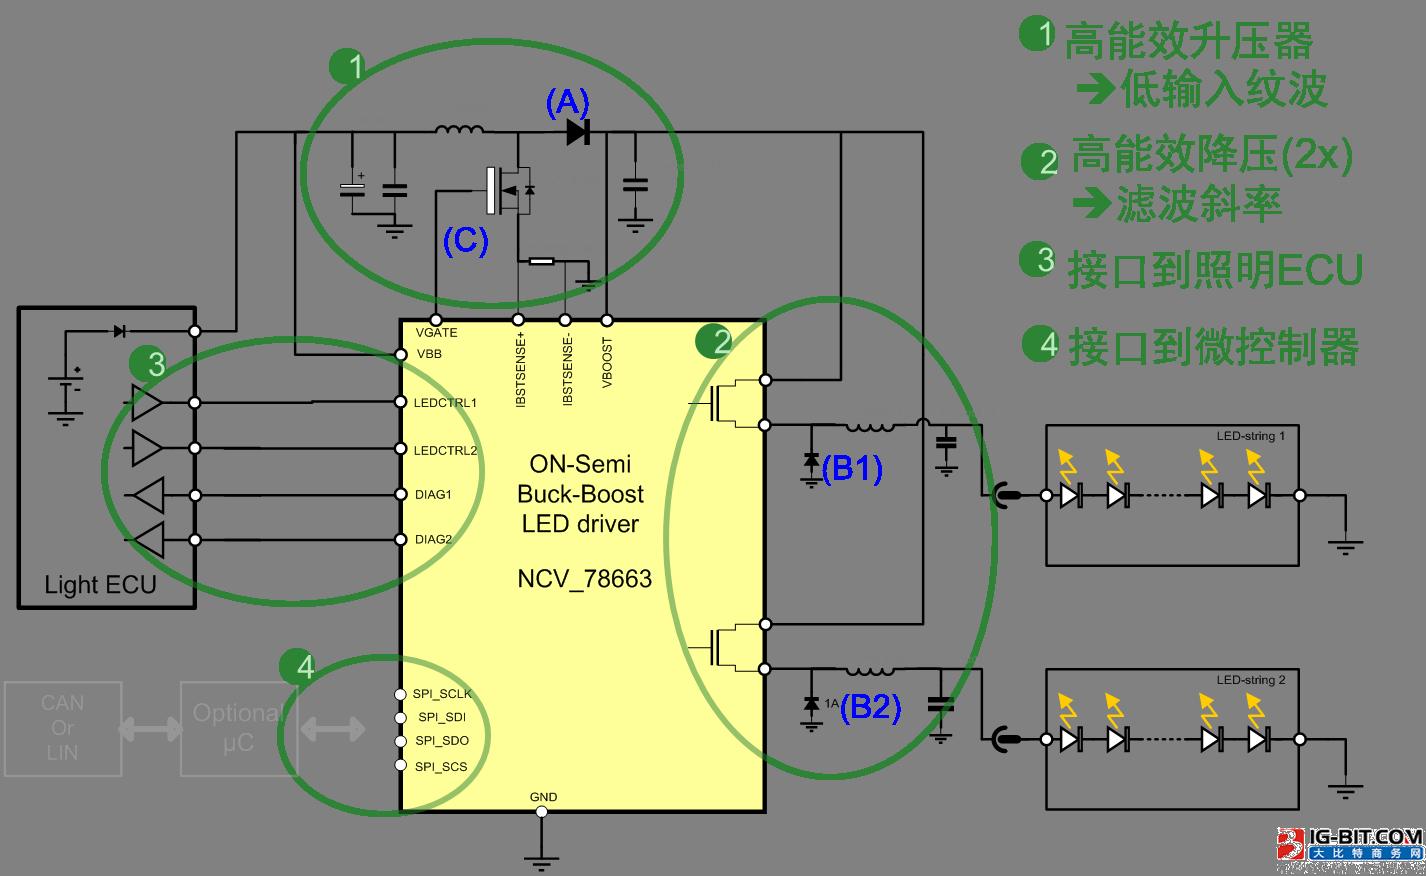 安森美半导体先进节能的汽车LED照明方案